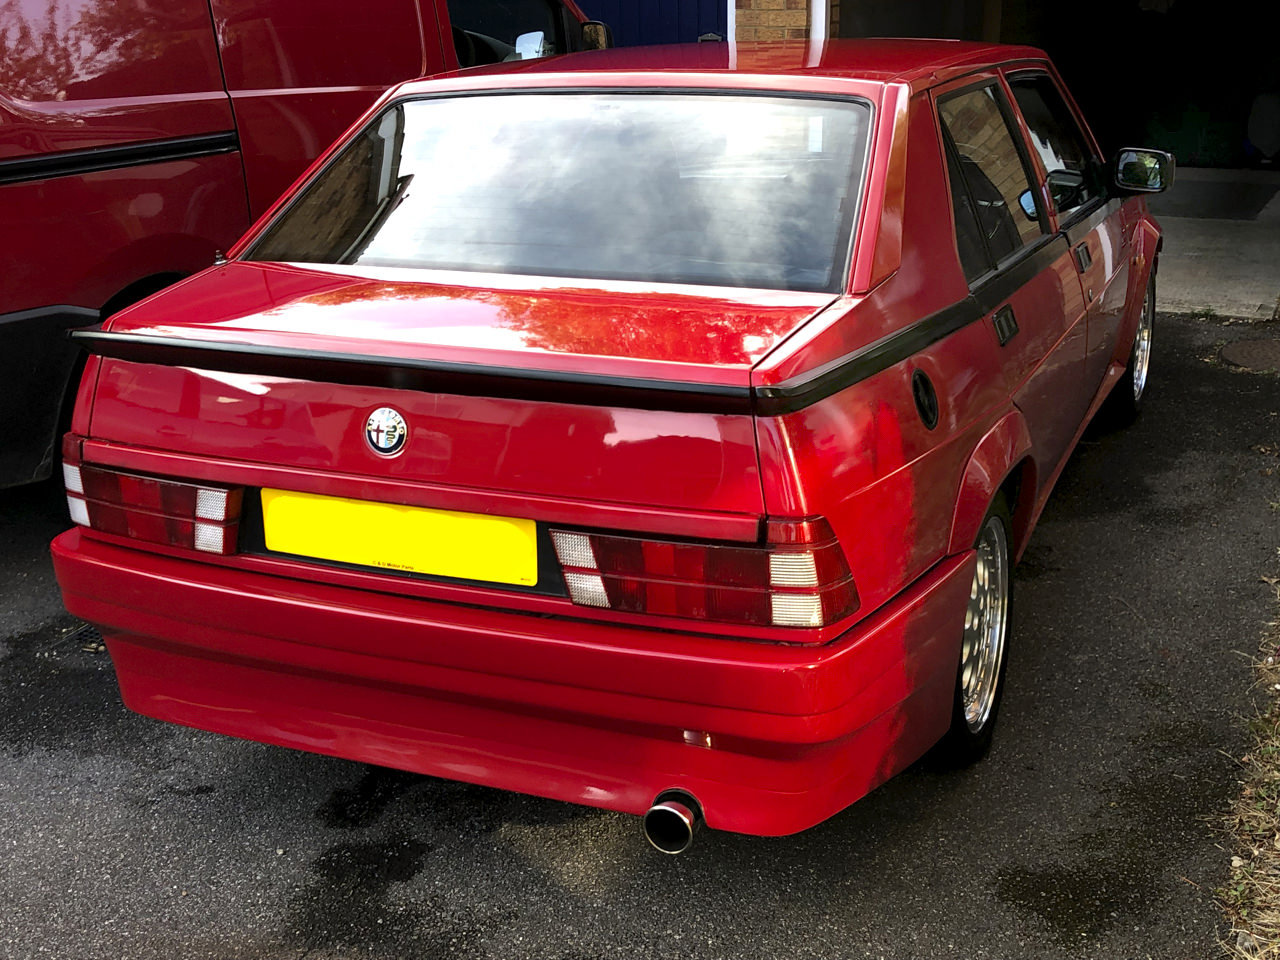 1991 75 3.0L V6 Cloverleaf For Sale (picture 2 of 6)